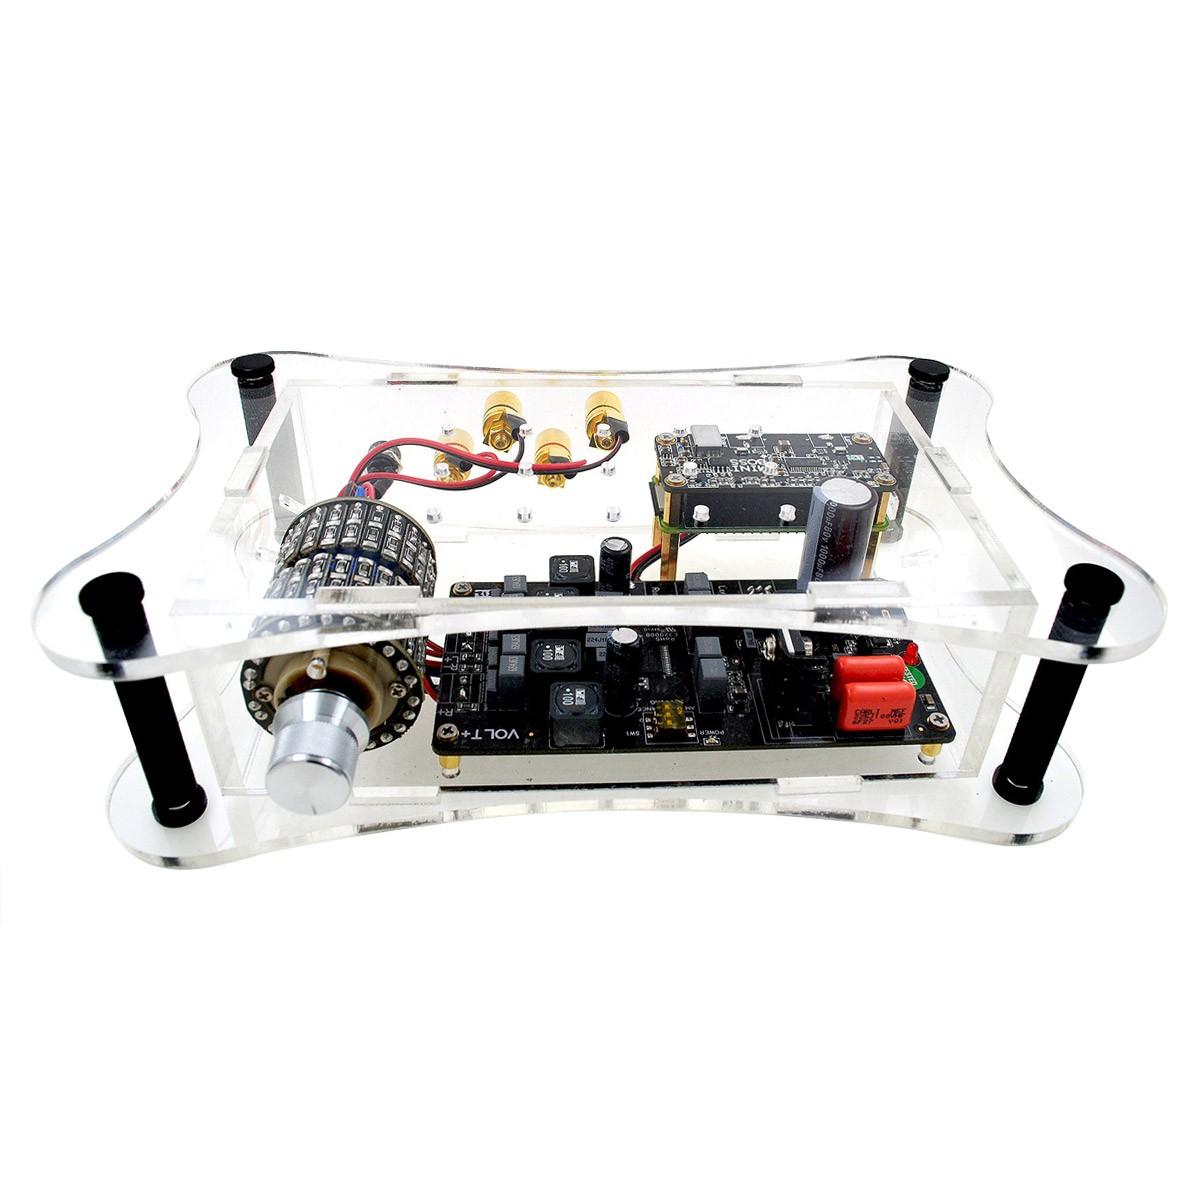 MINIBOSS PLAYER PLUS Lecteur Réseau Volumio DAC 32bit 384kHz Amplificateur 2x50W 4 Ohm